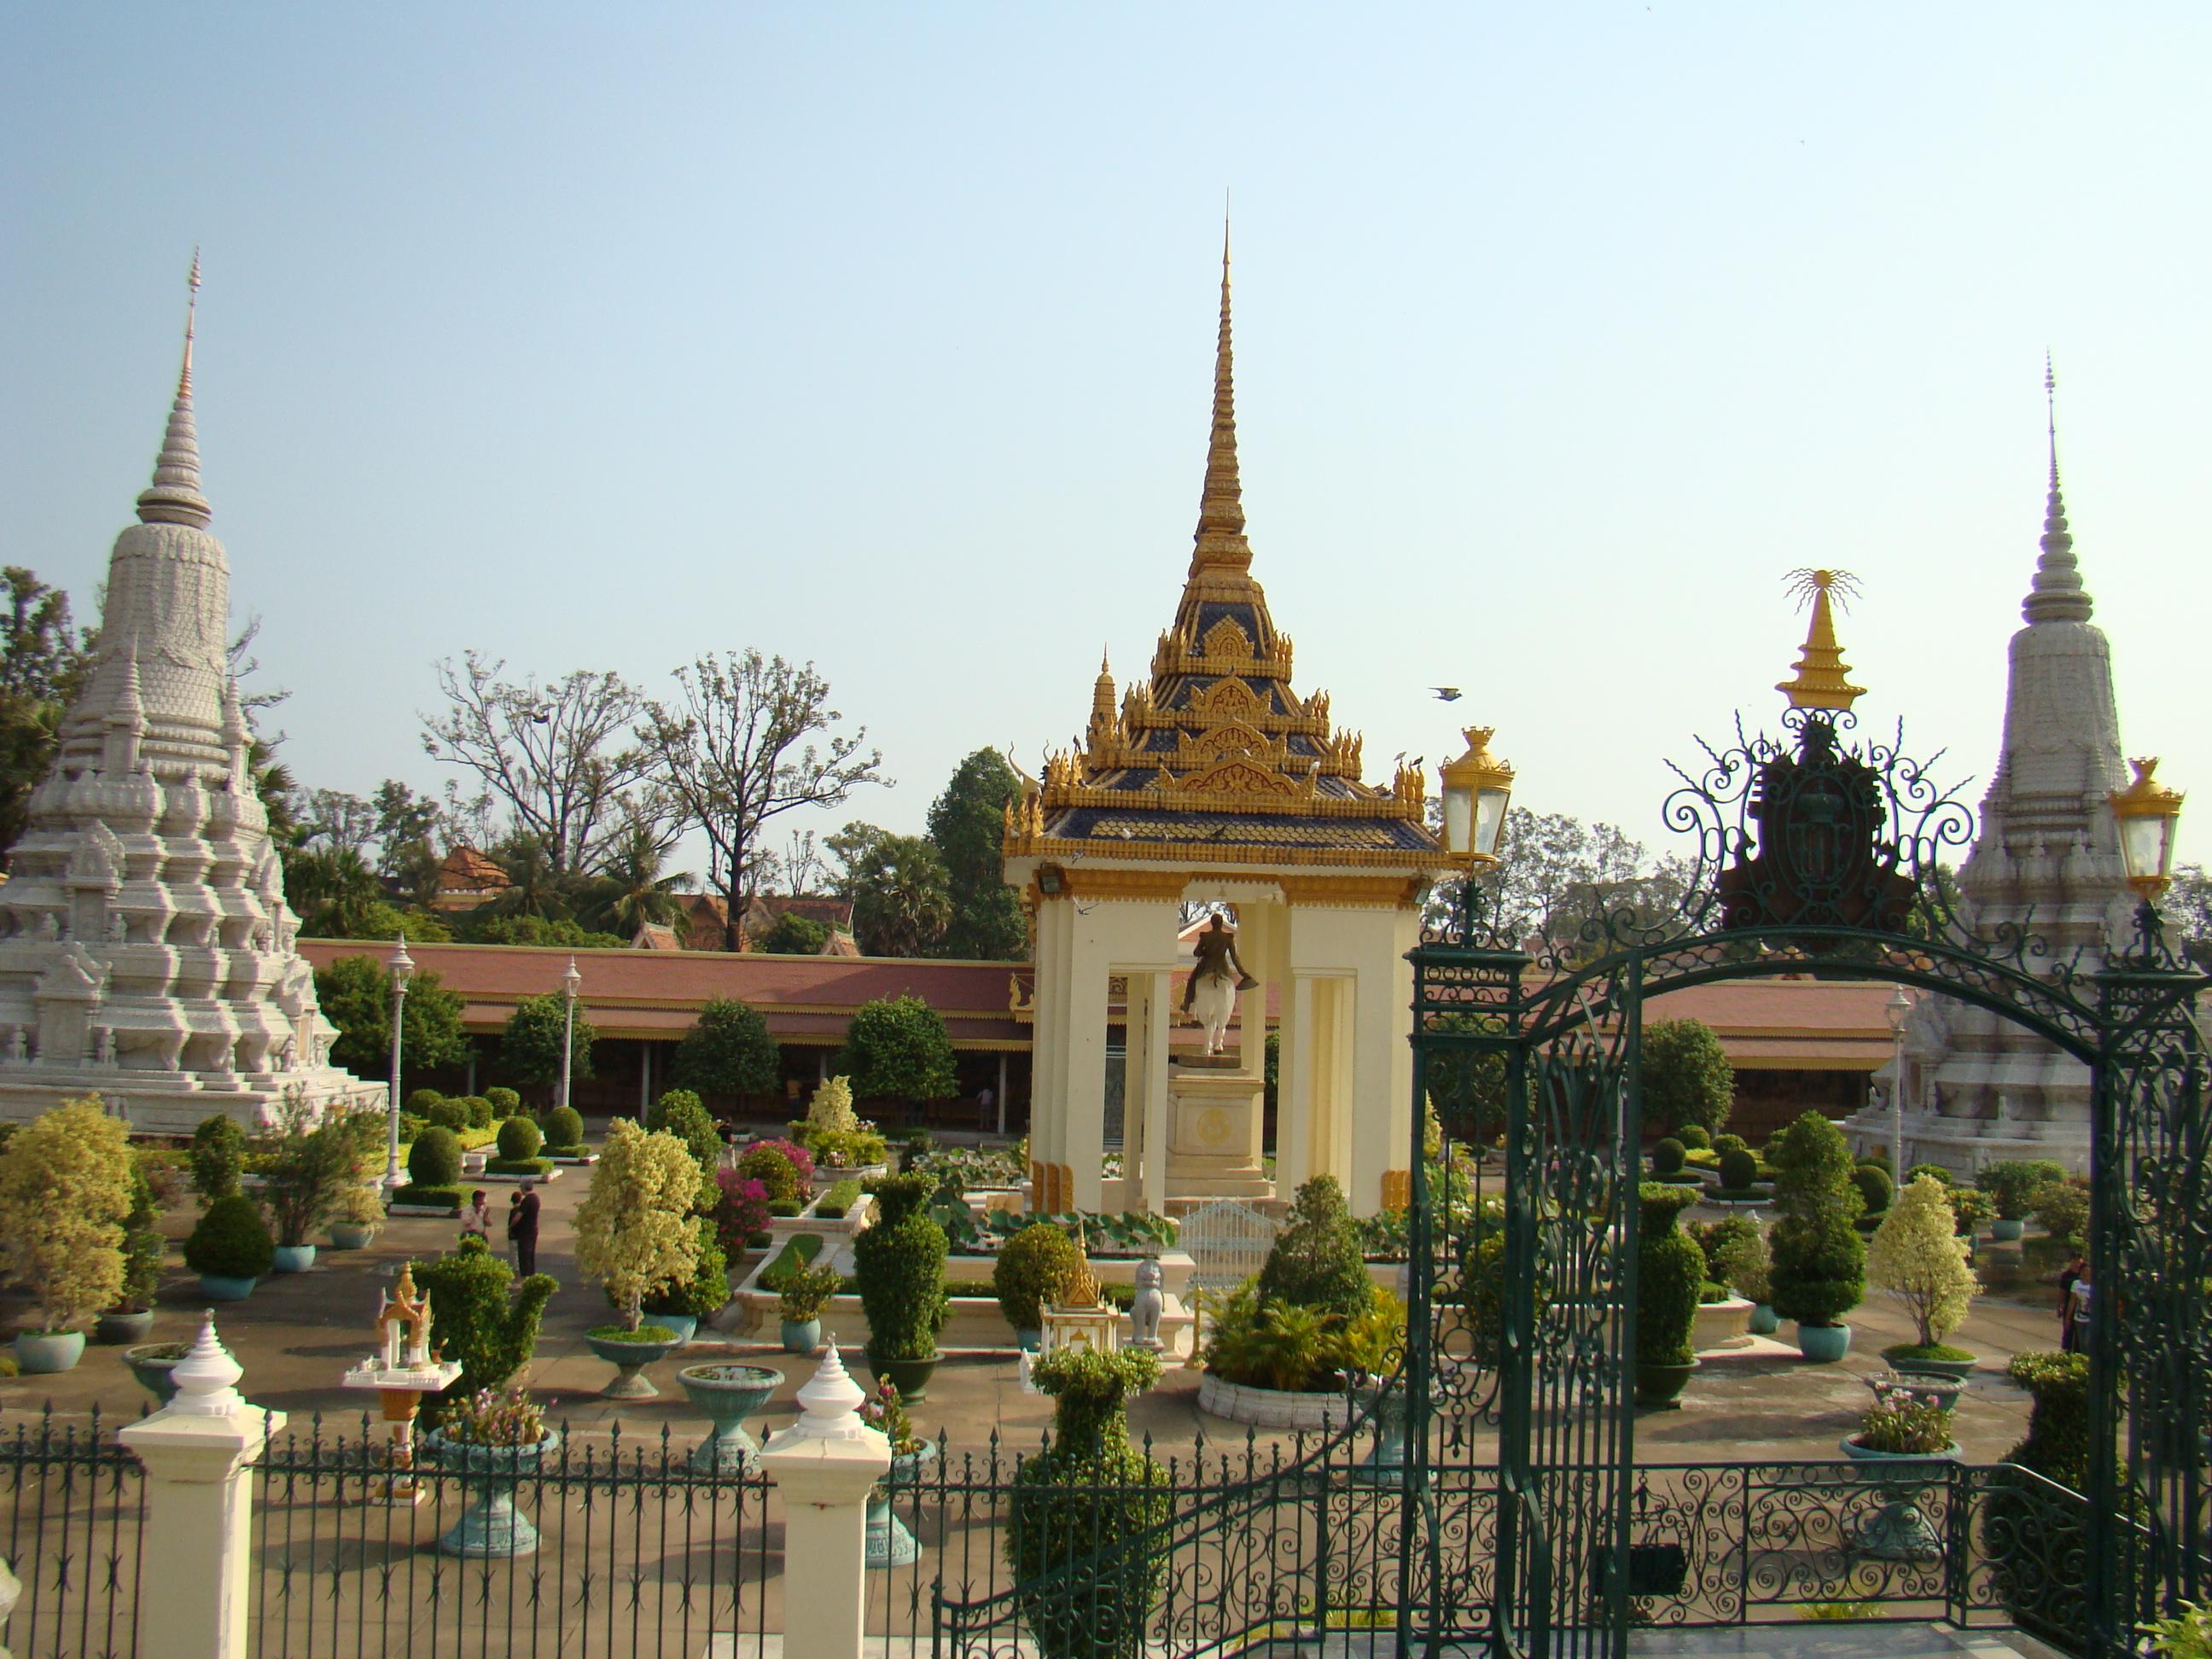 滿臉笑容的西哈努克親王、美麗動人的莫尼克公主、神秘的吳哥窟、紅色高棉、古墓麗影、花樣年華將這一系列散落的拼圖有機地拼合在一起,這就是我們此次寧靜之旅的目的地美麗的柬埔寨。 第一天:養在深閨無人識的金邊 由于北京沒有直飛吳哥的航班,所以我們通過金邊進入了柬埔寨。金邊機場很小,可能還沒有中國普通的省會城市的機場大,但是很干凈很有序,這是柬埔寨給我留下的第一印象,也是縱貫此次旅行始終的好印象。 在金邊住了一晚,本想第二天一早乘坐大巴直奔暹粒(吳哥),但在司機如果王宮都不去,柬埔寨不是白來了這一番話